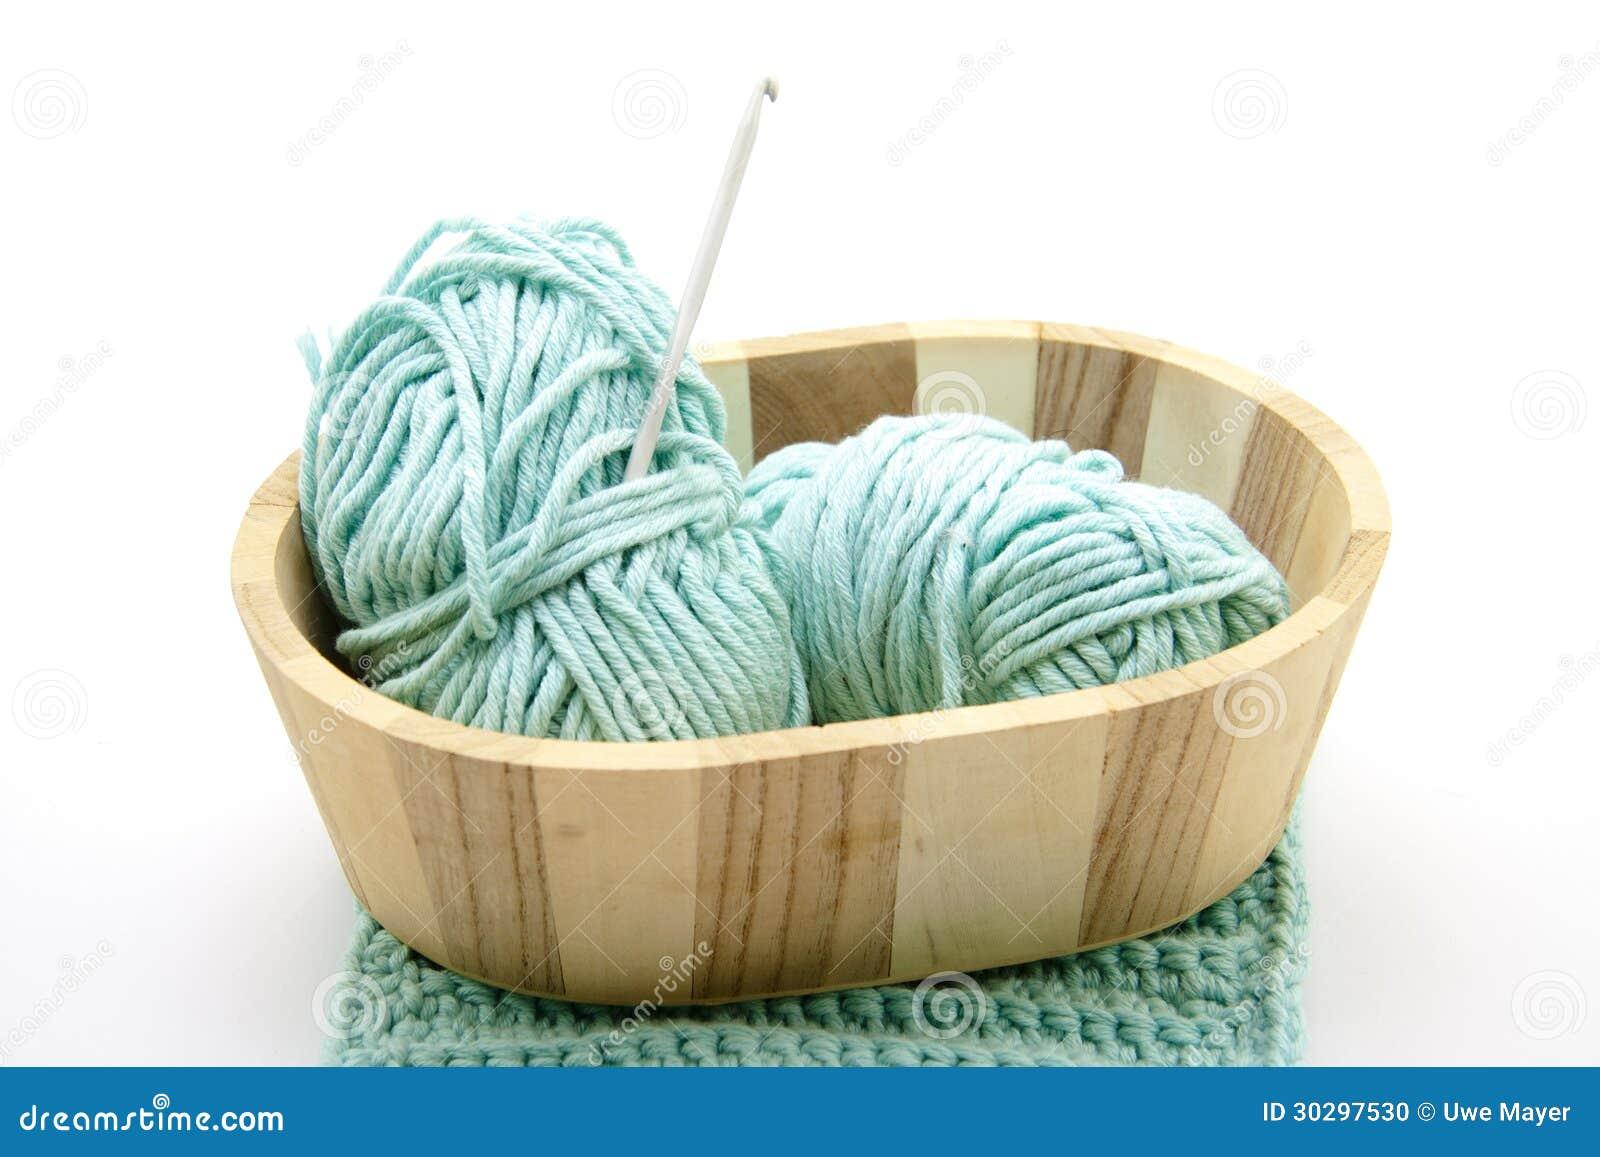 Queira com agulha de crochet